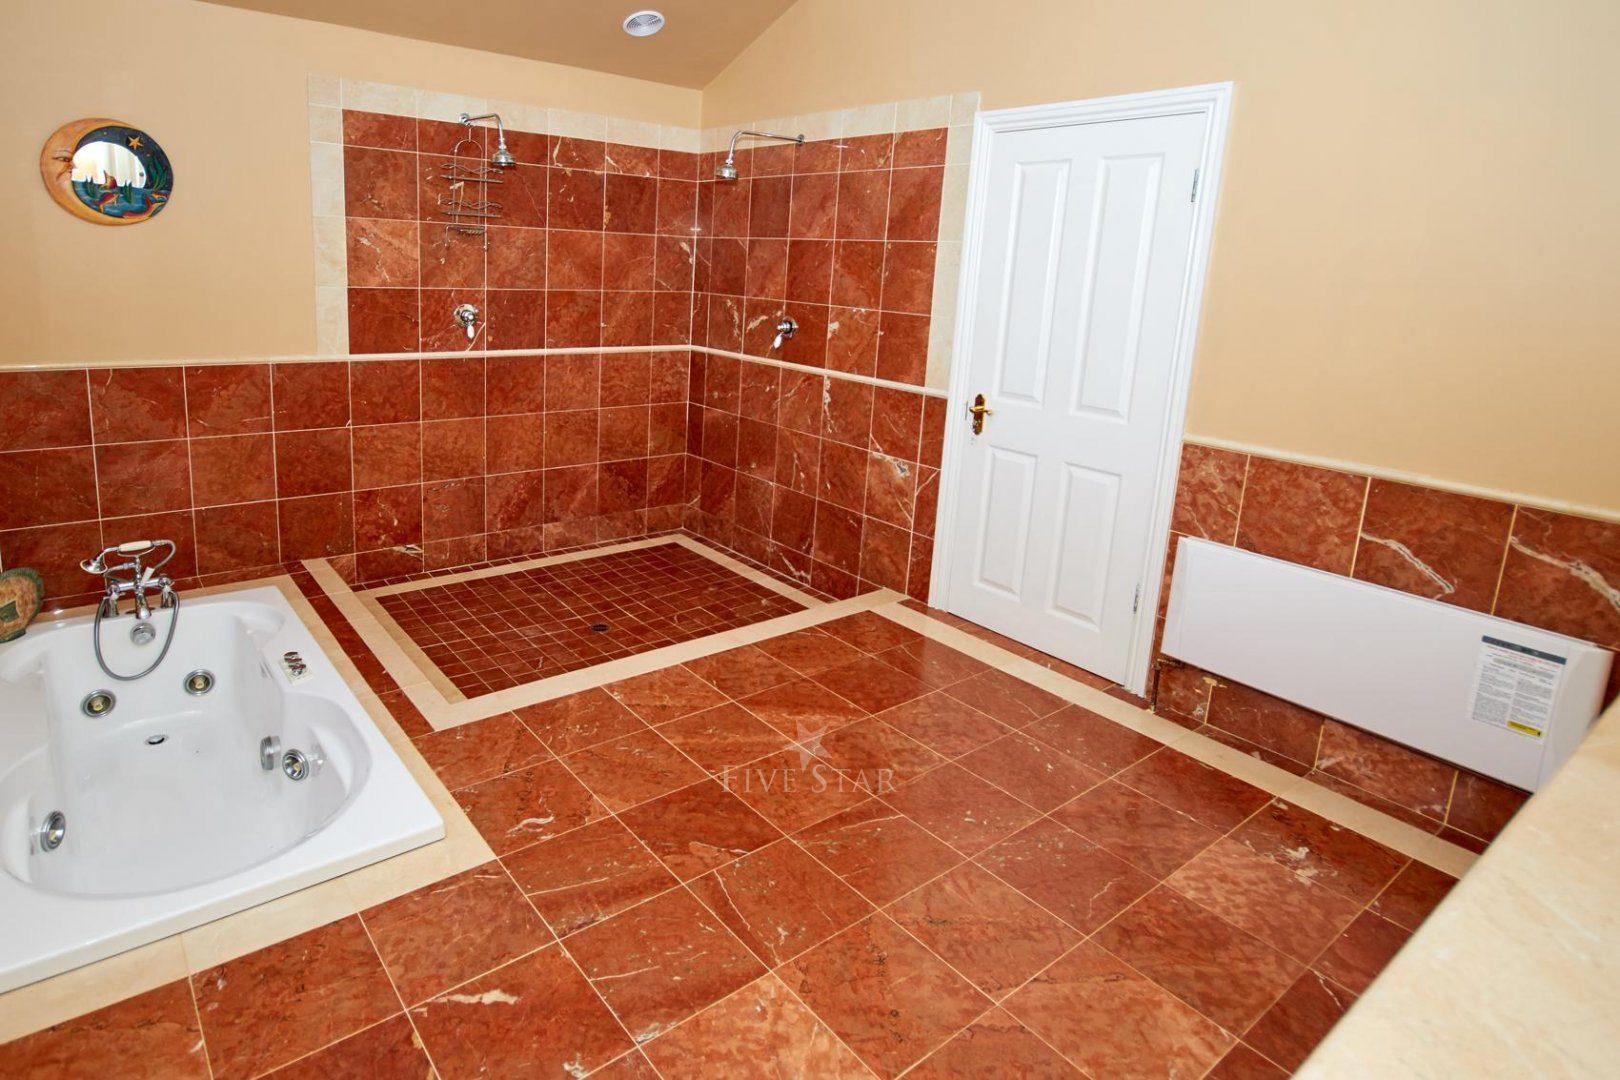 5-Star Killarney Family Home photo 9